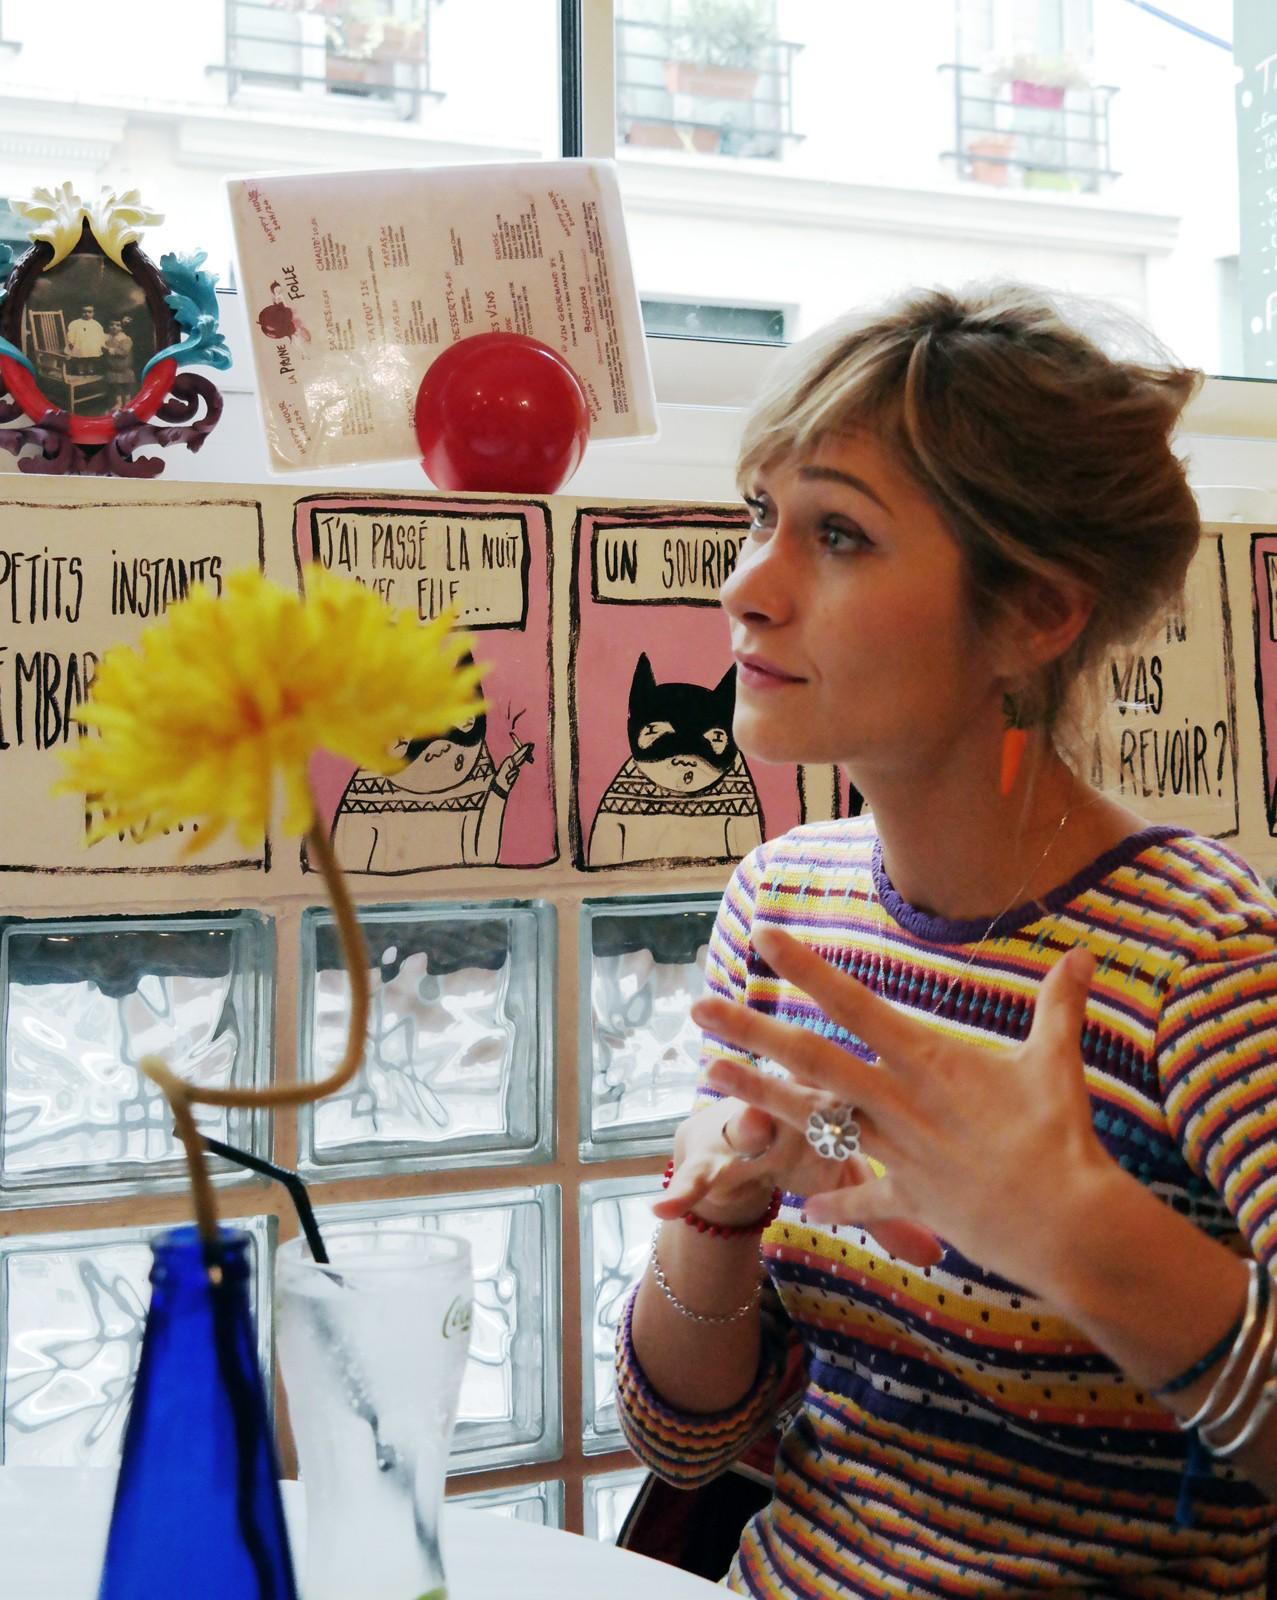 GiedRé à la fleur interview de la chanteuse humoriste compositrice pour le blog united states of paris usofparis